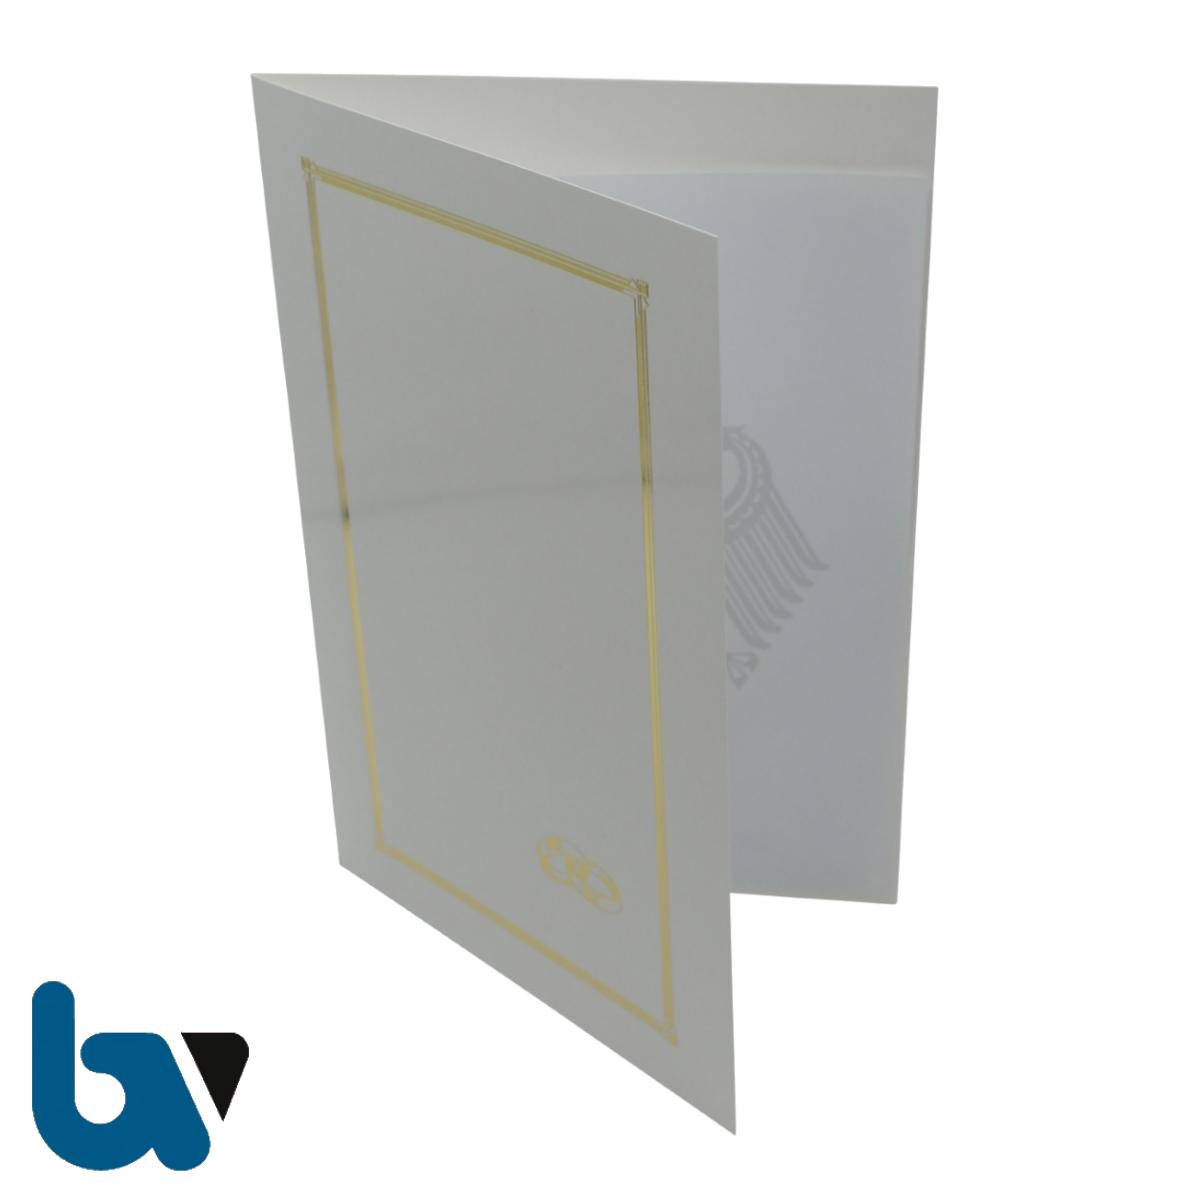 0/146-1 Stammbuch Mappe Urkunde Dokumente Goldprägung Hochglanz Karton Einstecktasche Einlege DIN A5 Außen 1 | Borgard Verlag GmbH